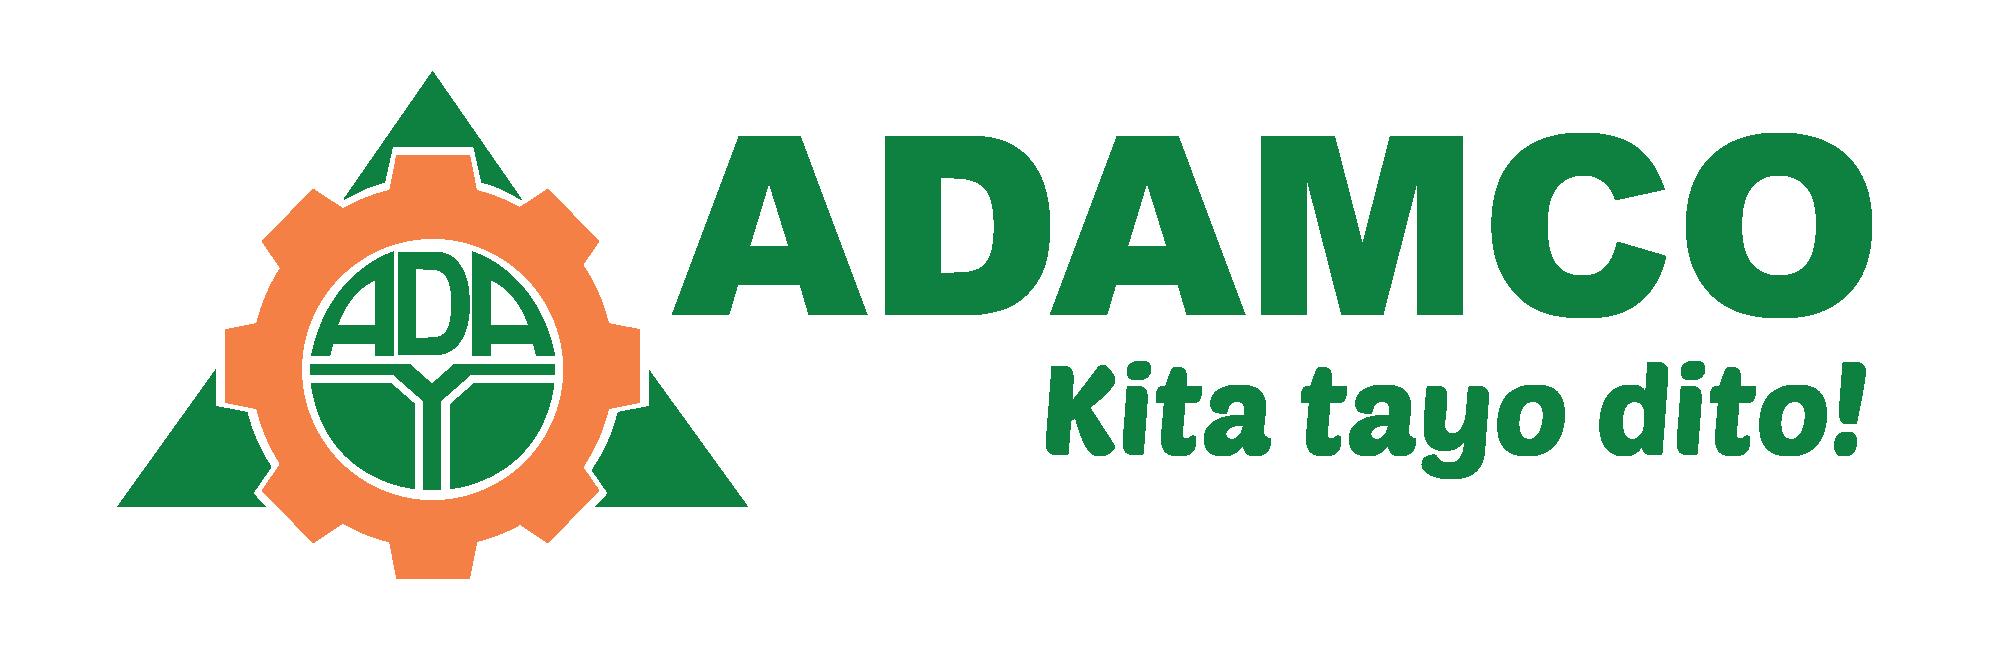 Adamco